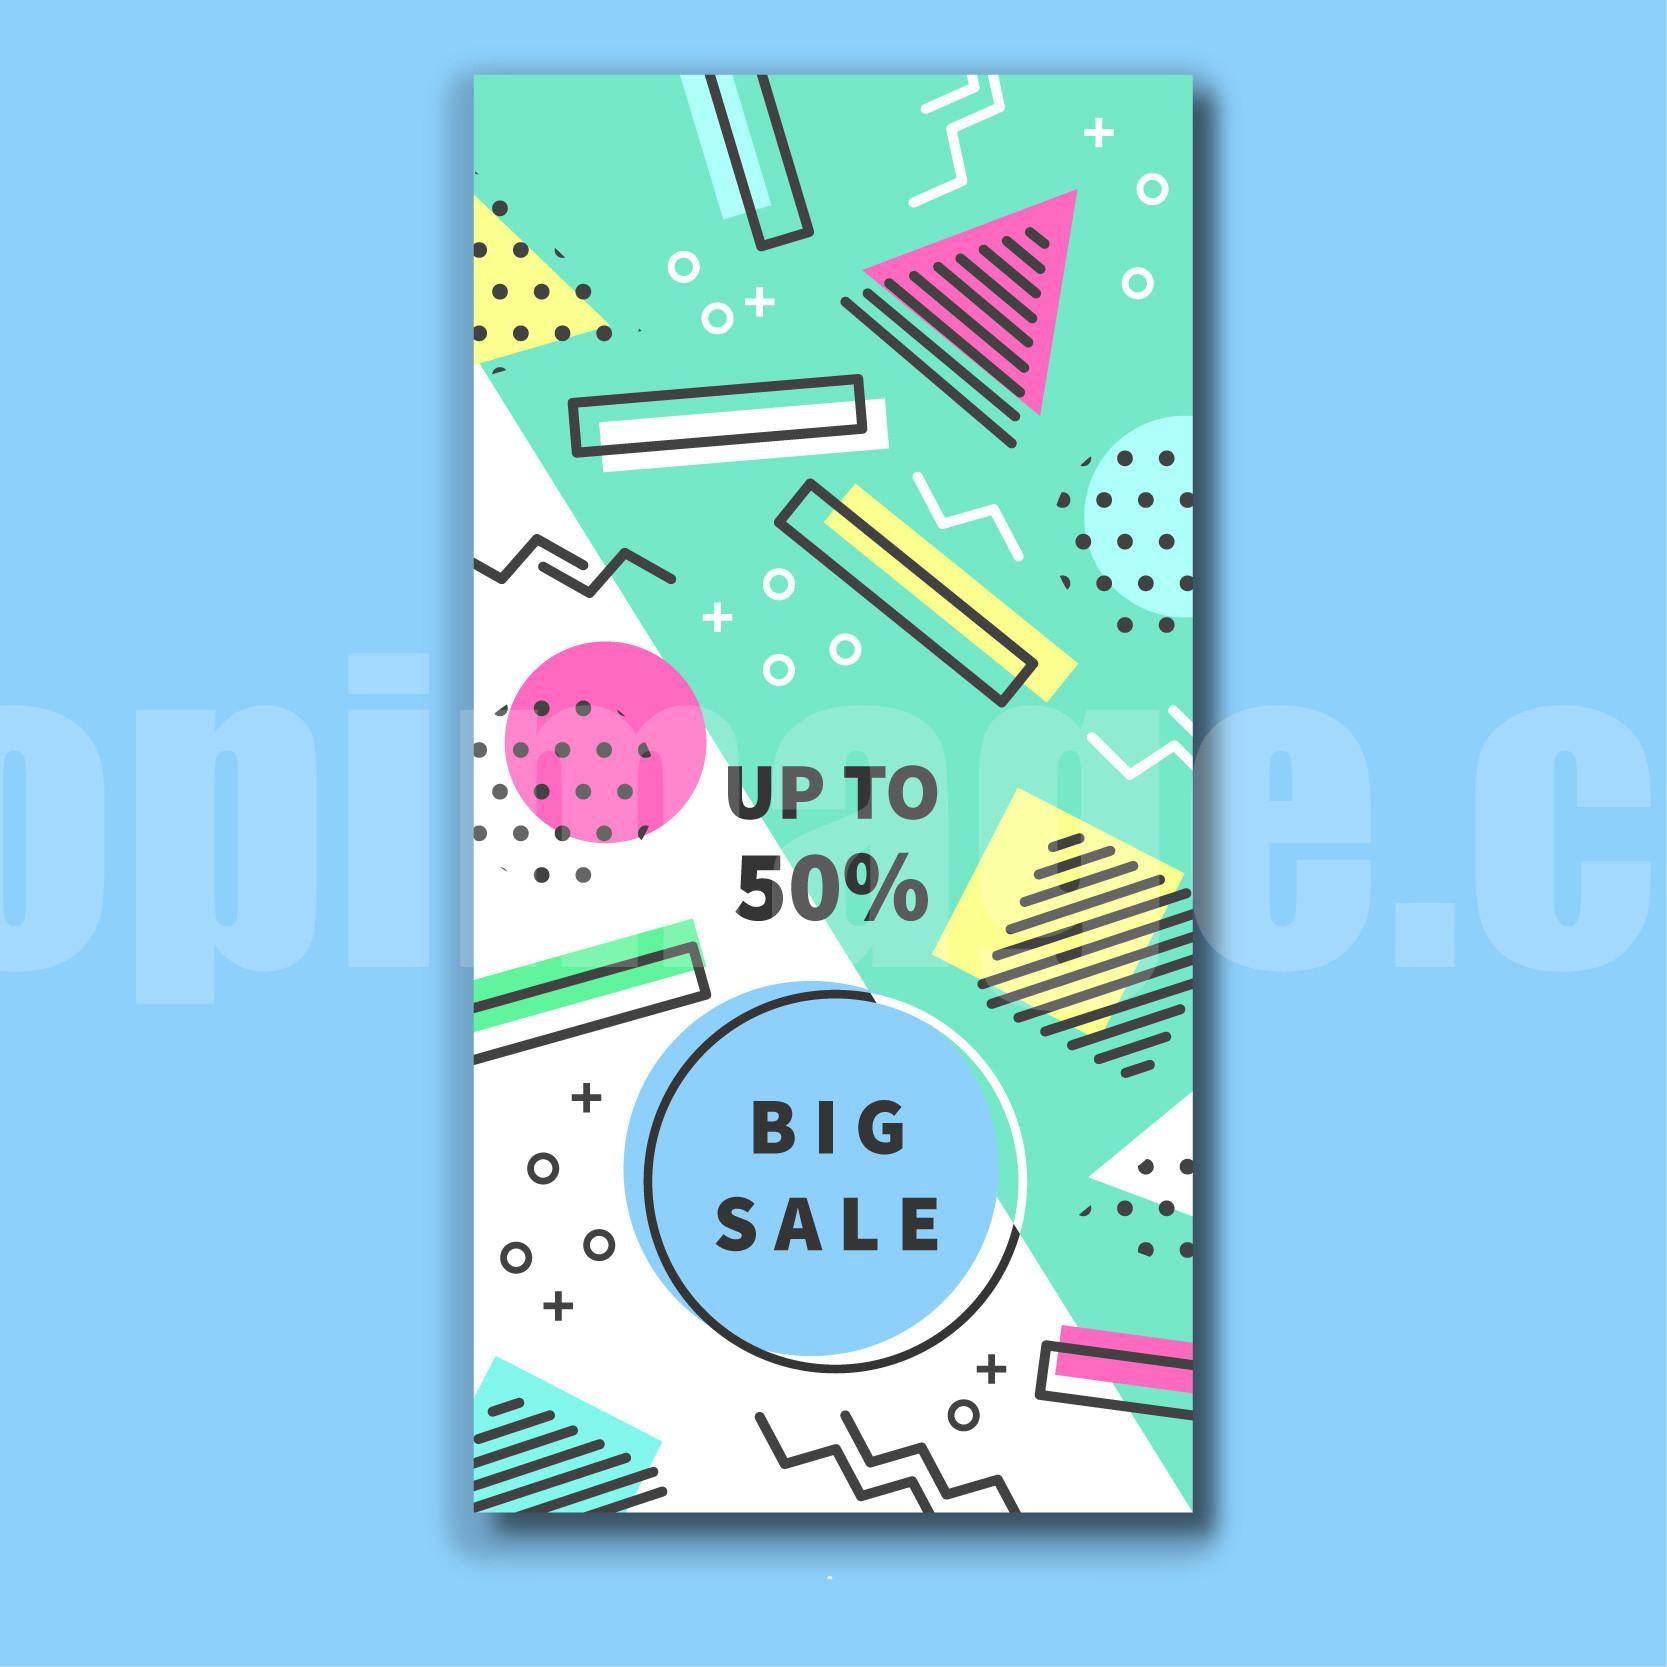 孟菲斯Memphis几何平面方块封面海报展架易拉宝源文件下载